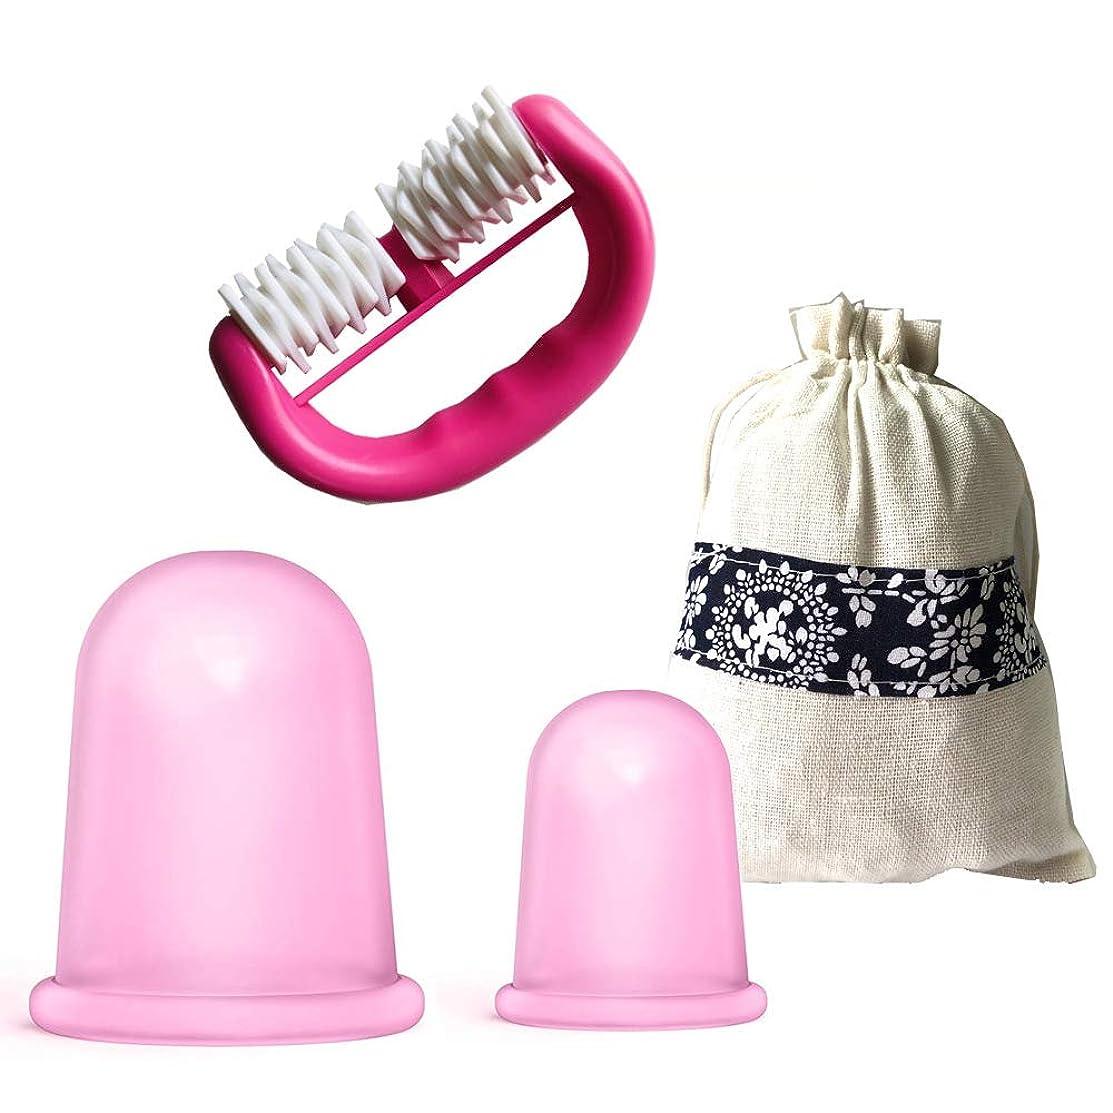 オリエンテーションワックス貨物セルライトカッピングセラピーセットシリコンカッピングマッサージカップモイスチャーガシャ+ローラーマッサージャー付きギフトバッグ,Pink